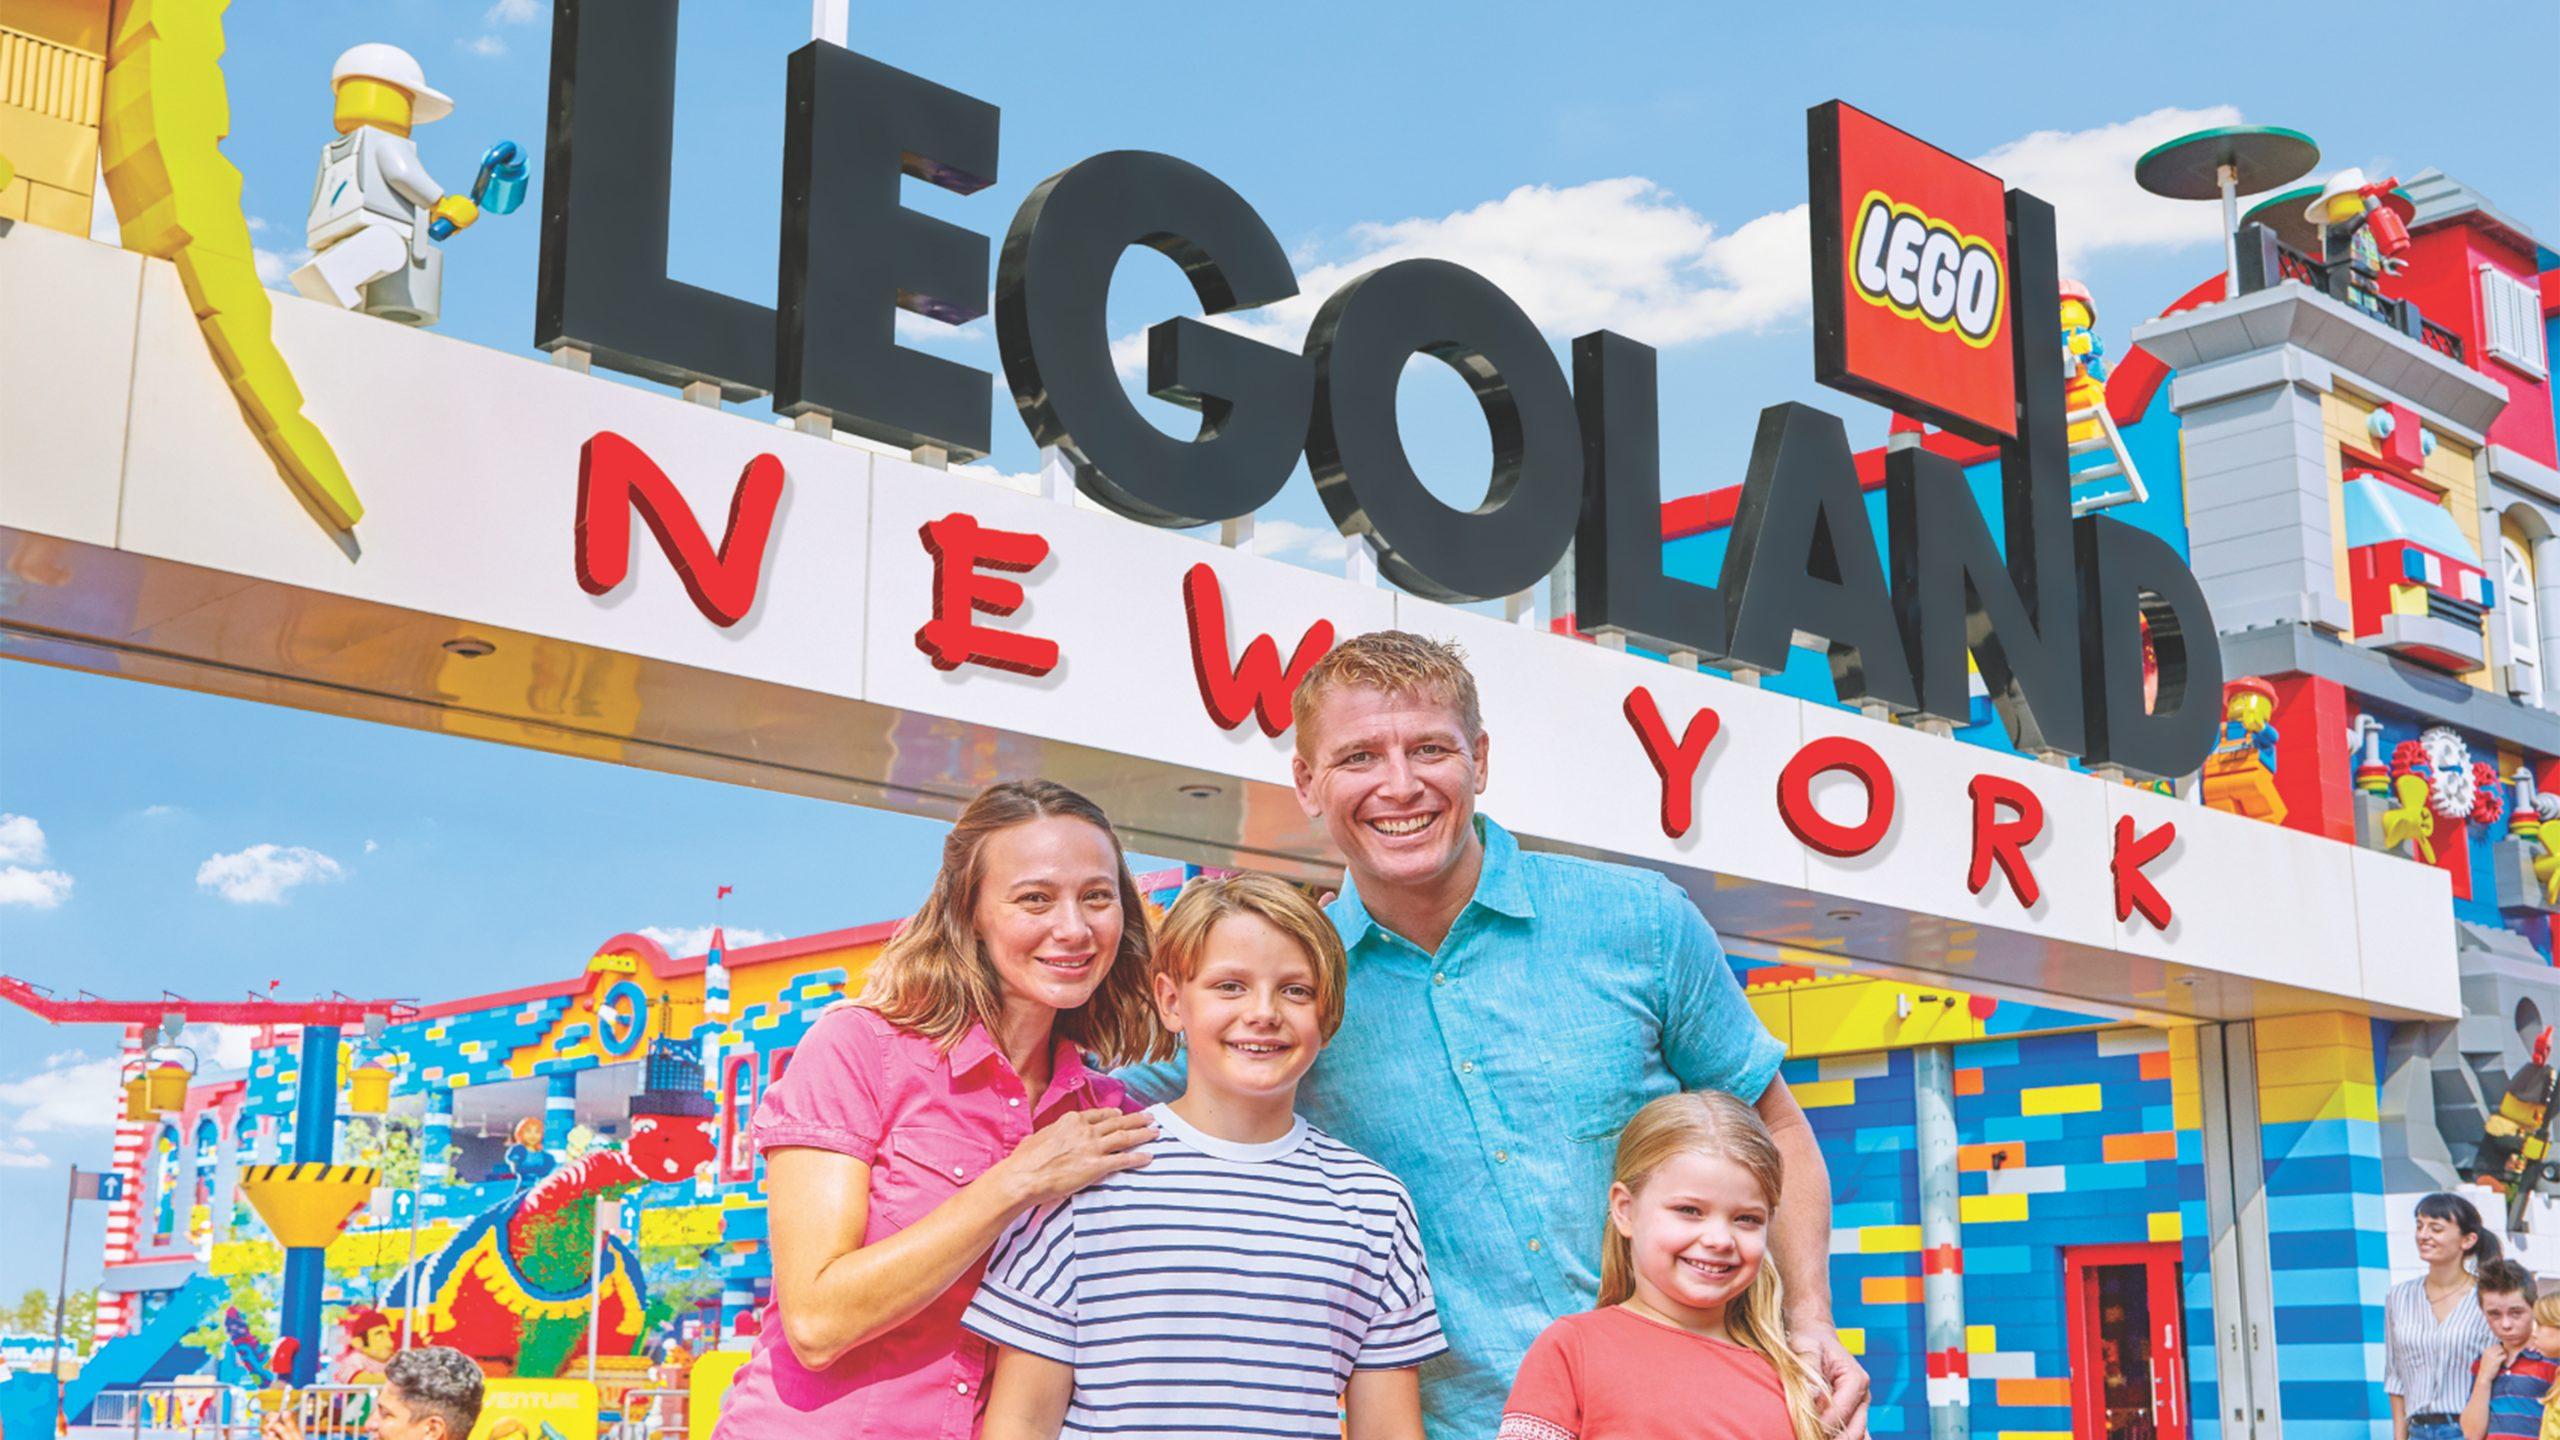 I løbet af sommeren, hvornår vides endnu ikke, åbner Legoland New York, cirka 100 kilometer fra selve New York City. Pressefoto: Legoland New York.